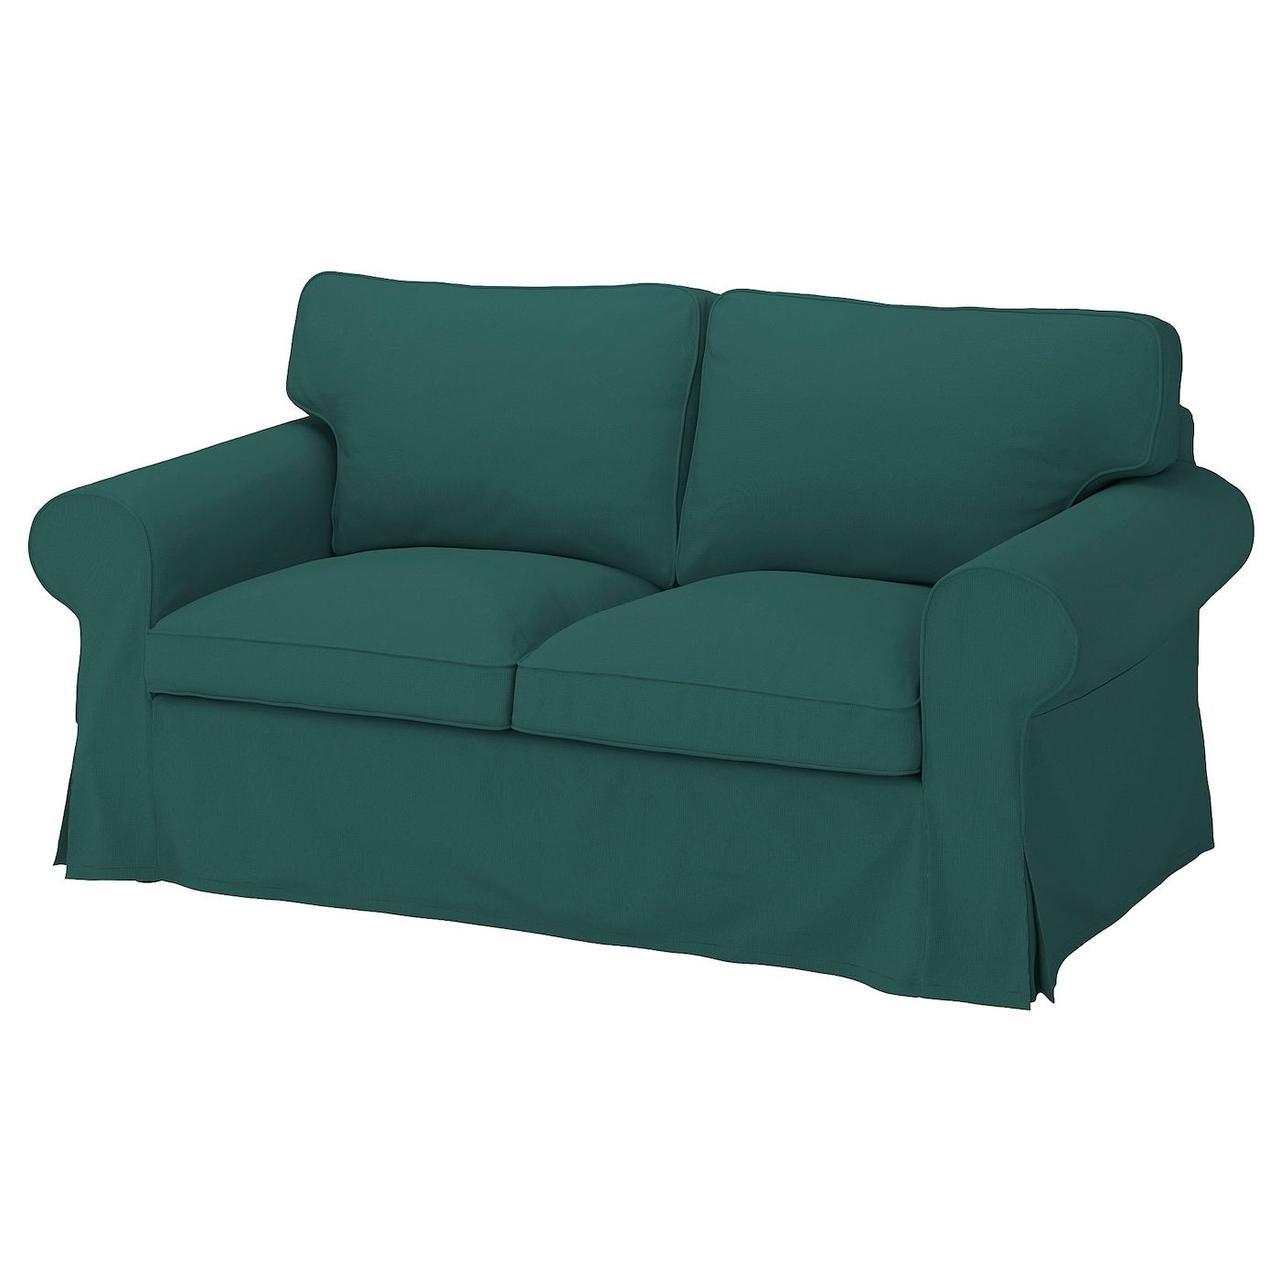 IKEA EKTORP (ІКЕА ЭКТОРП) 80472350